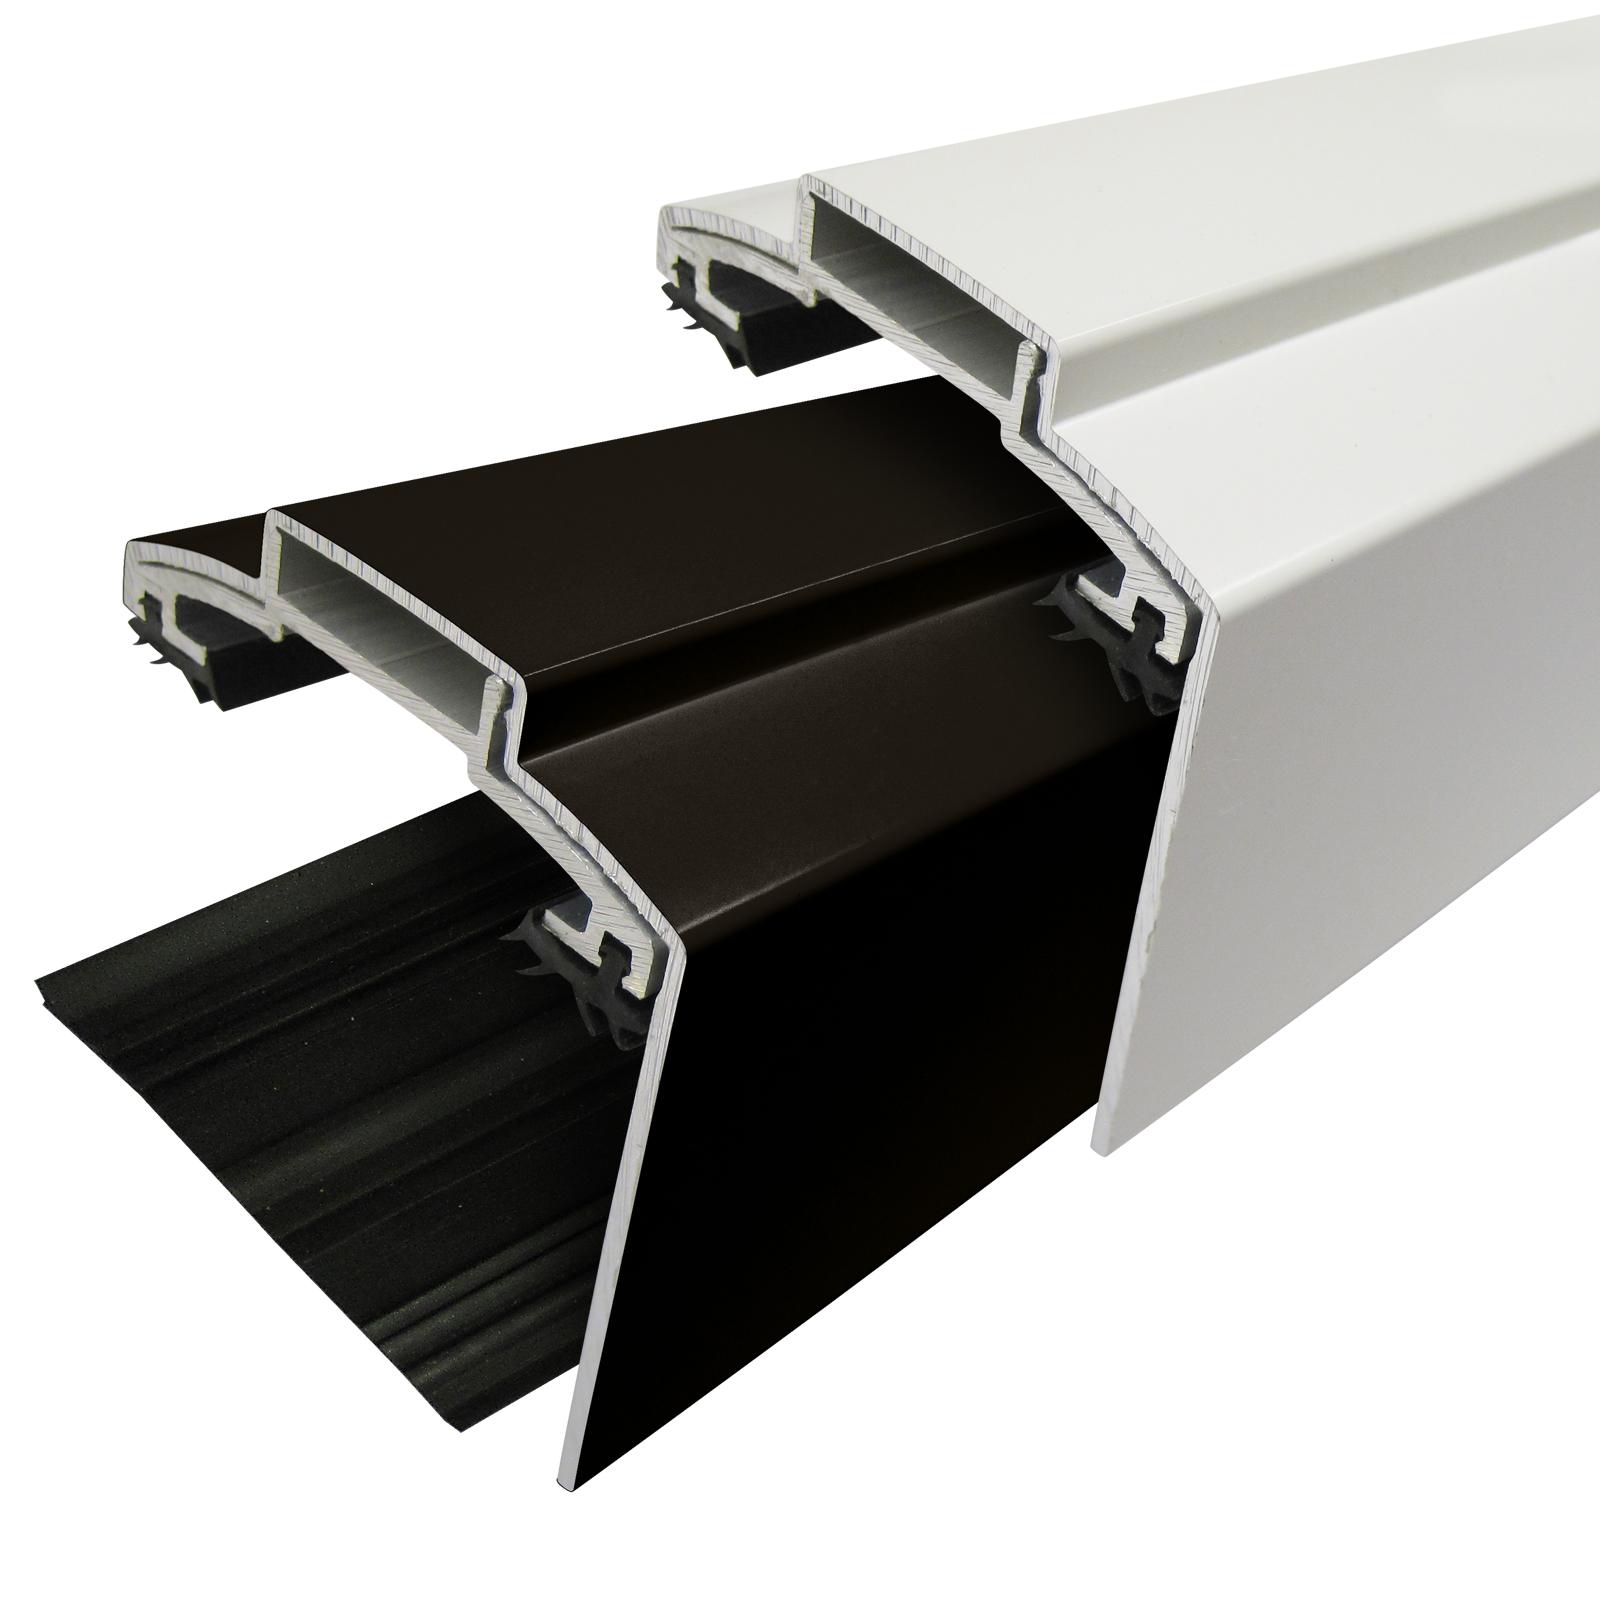 60mm Alukap Xr Aluminium Screw Down Gable Bar For